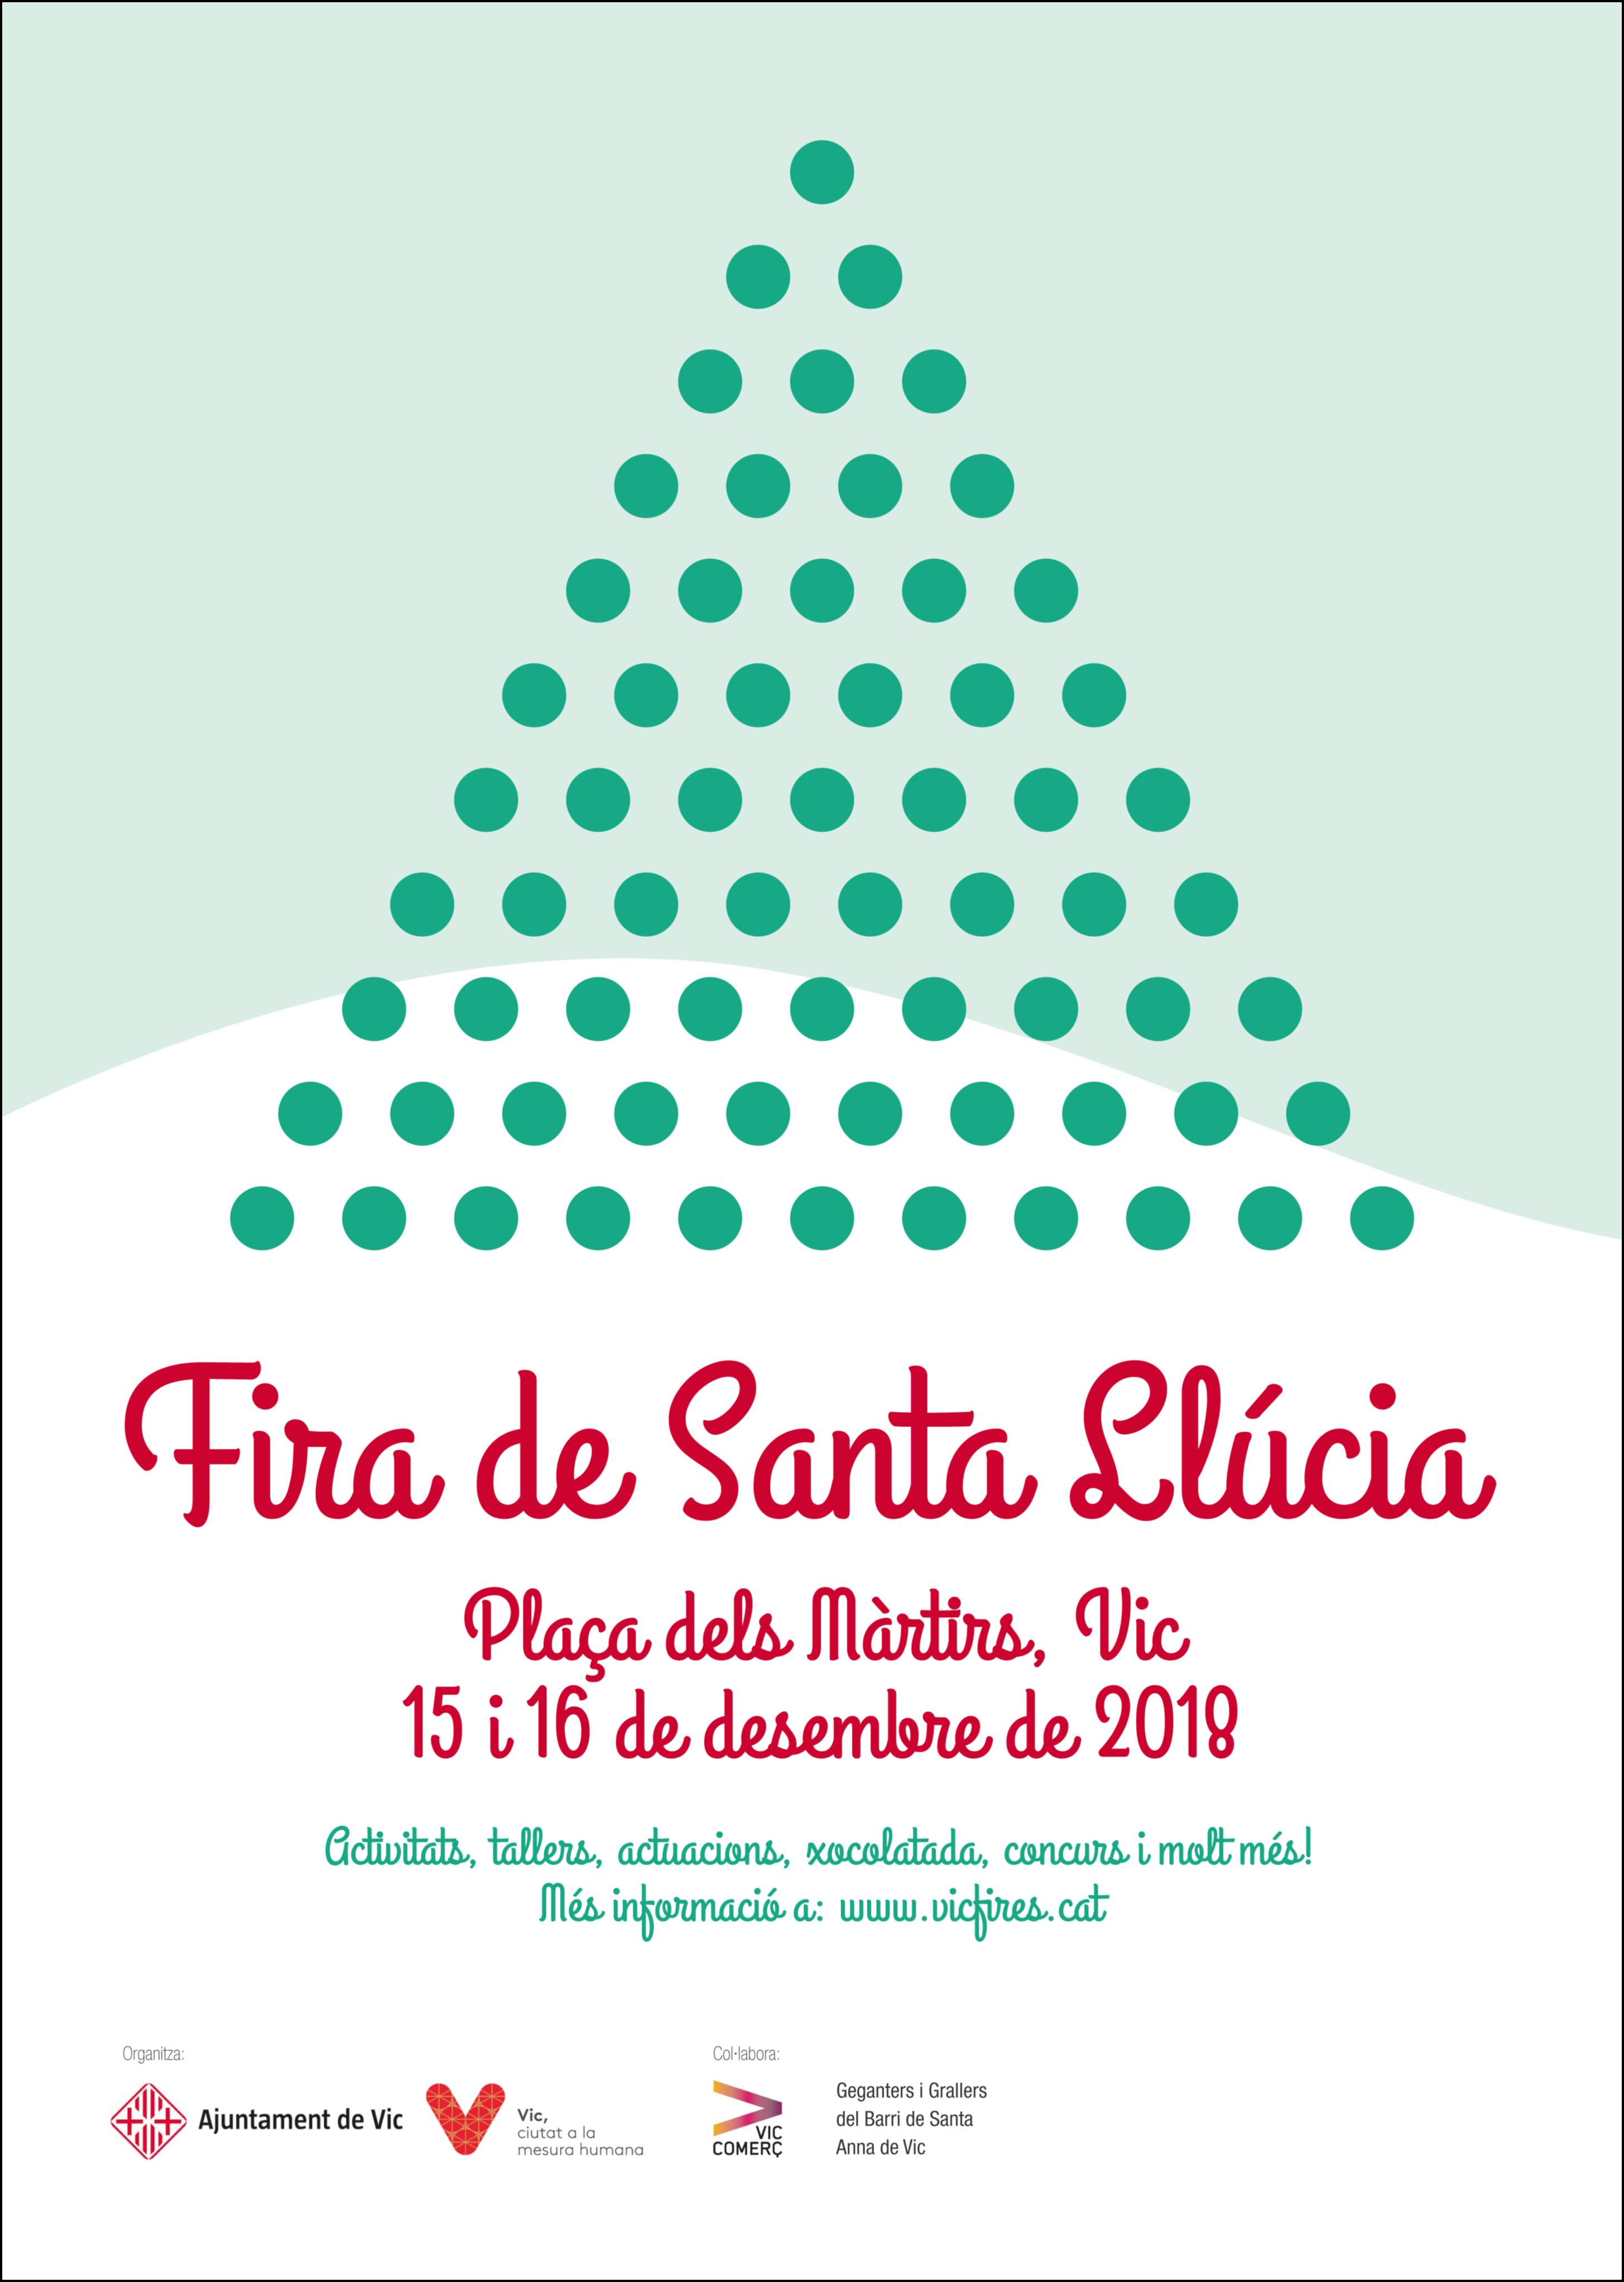 Fira de Santa Llúcia 2018